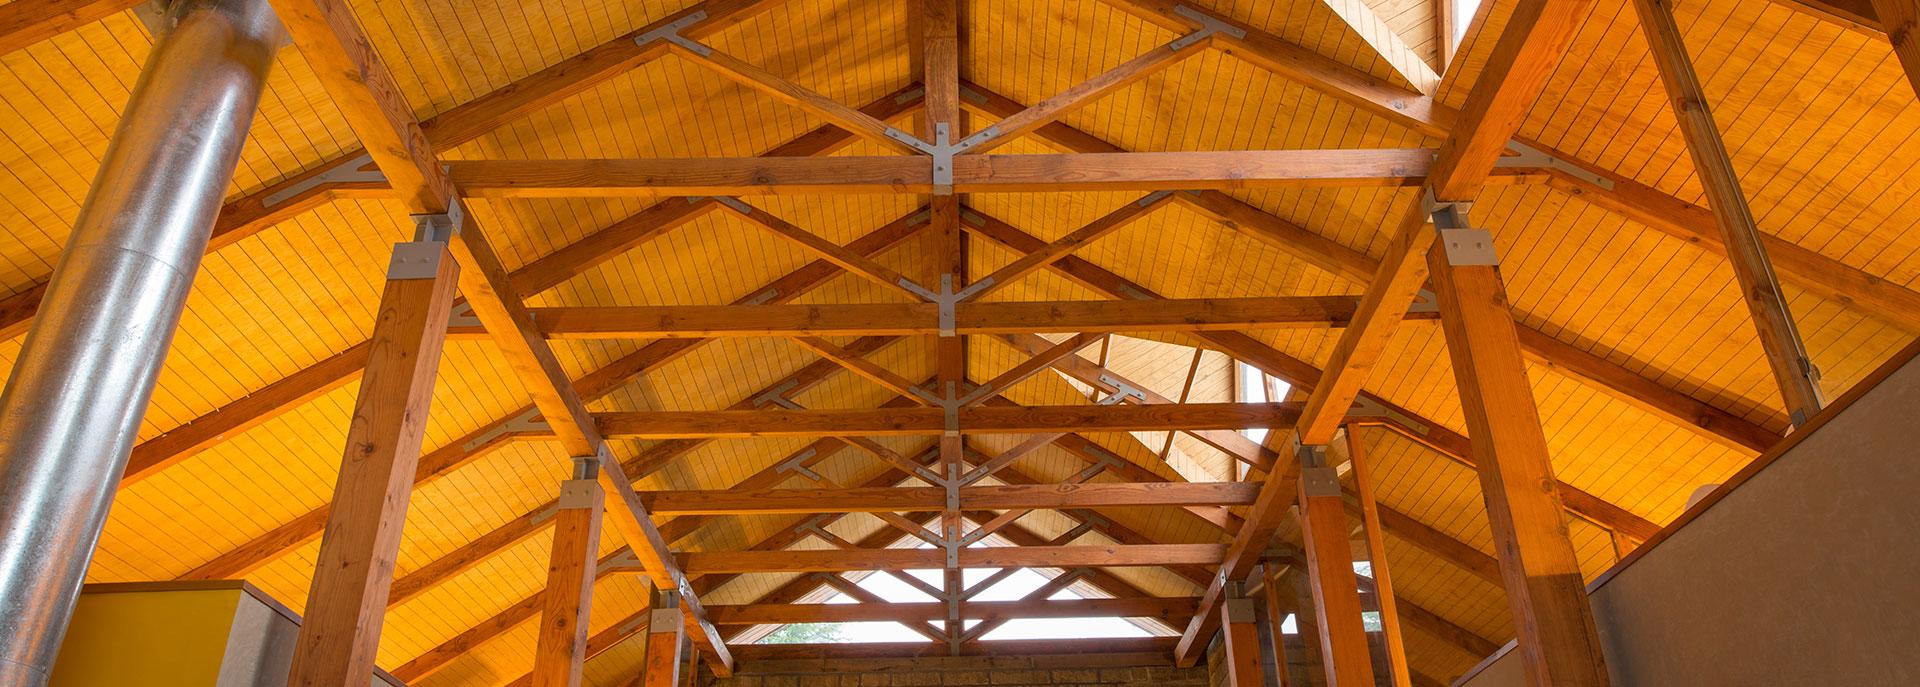 Douglas Fir Wooden Structural - Canadian Wood